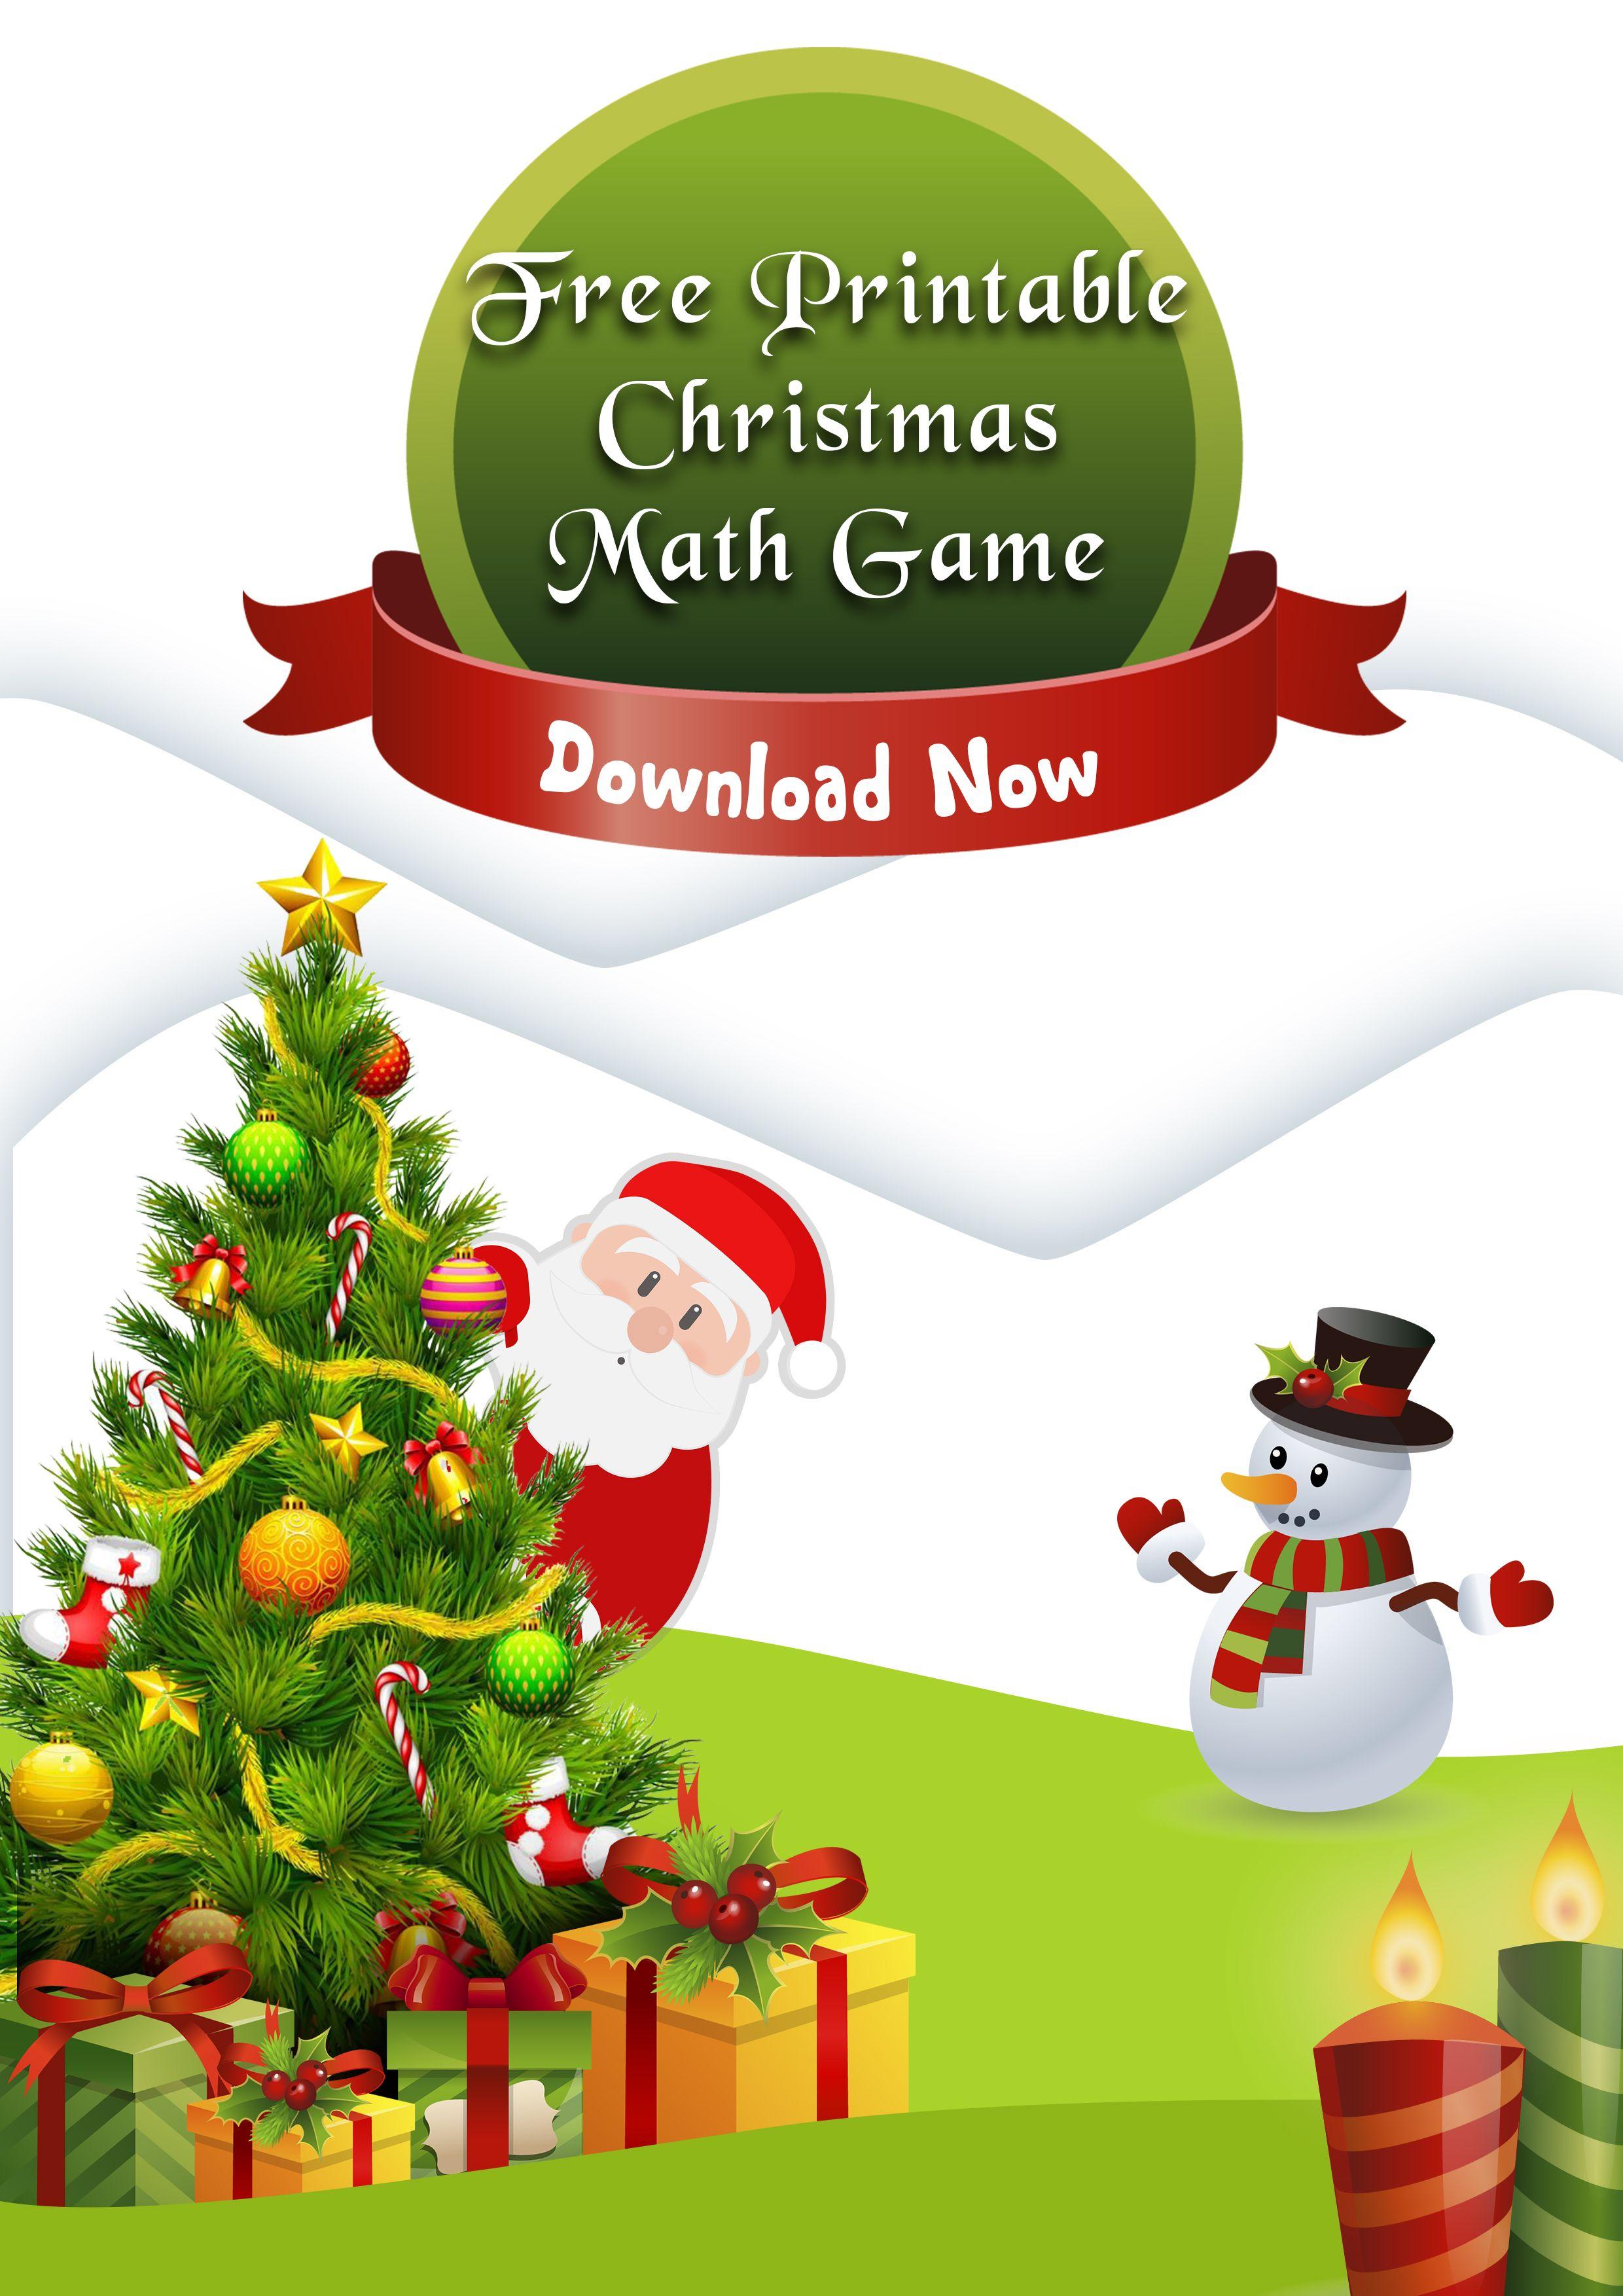 Free Christmas Printable Math Game